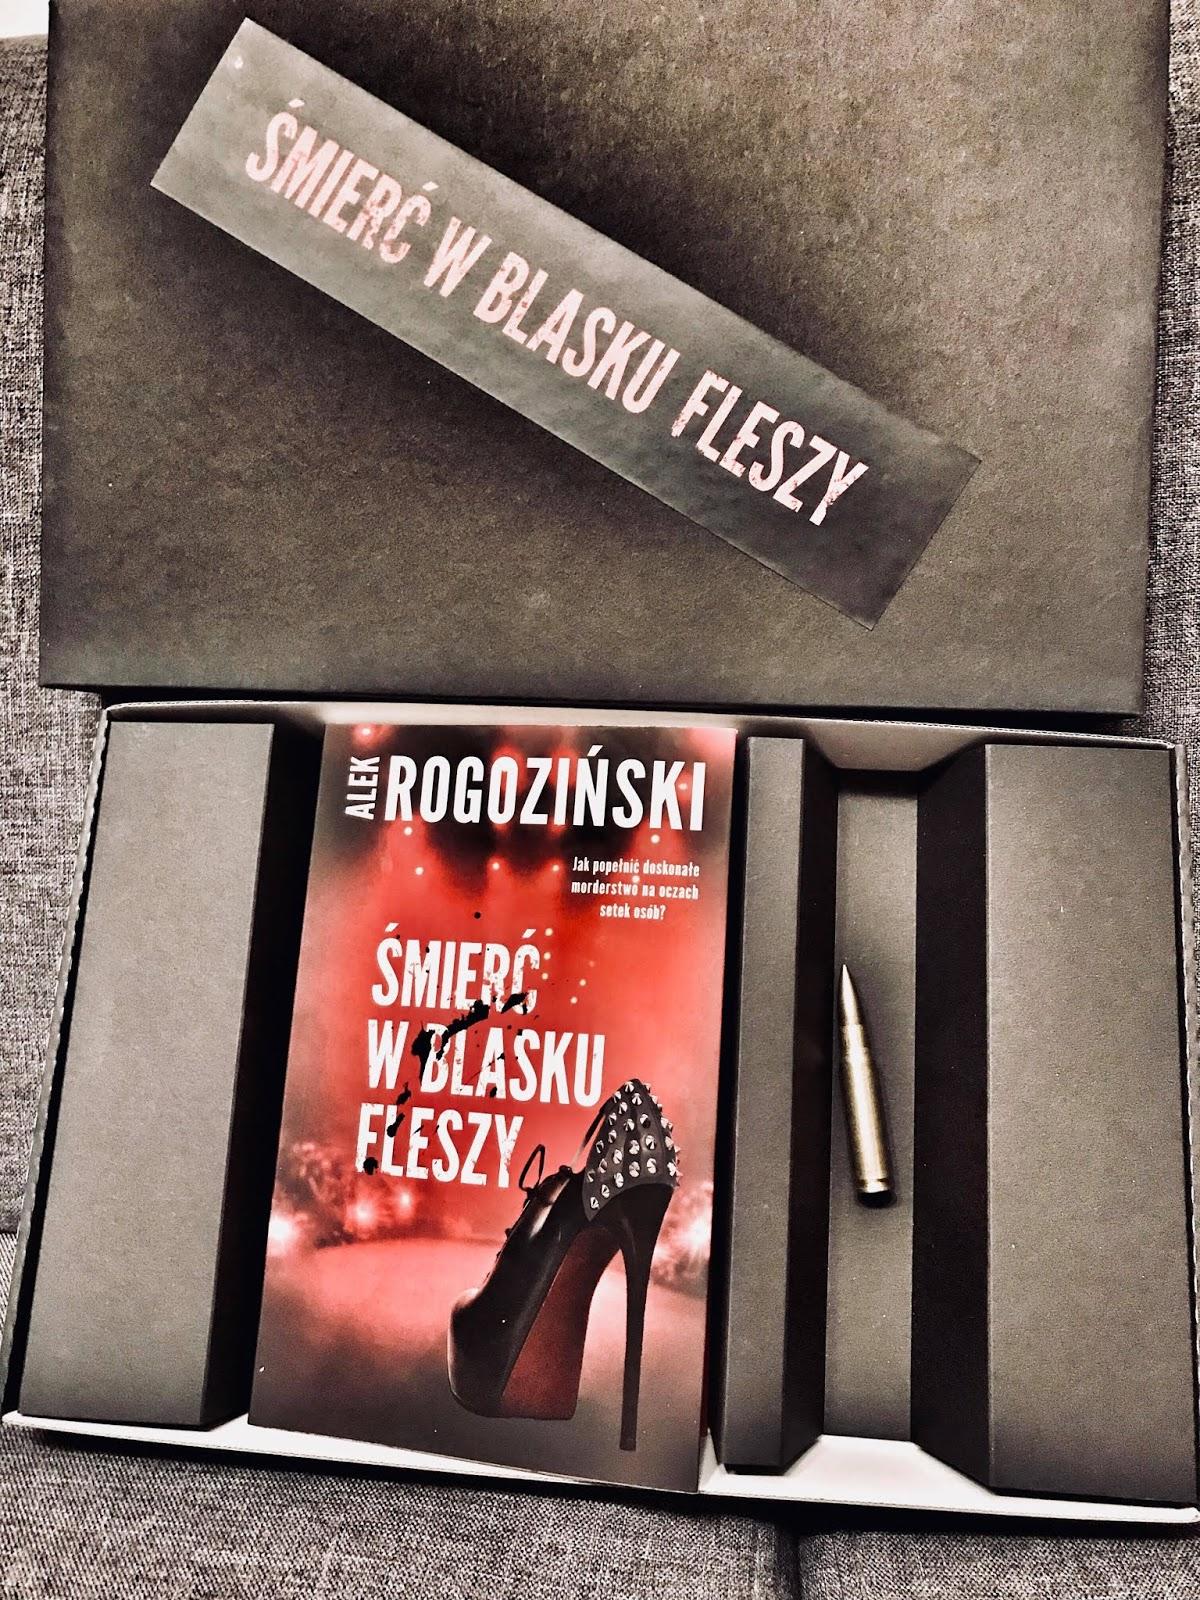 Alek Rogoziński - Śmierć w blasku fleszy